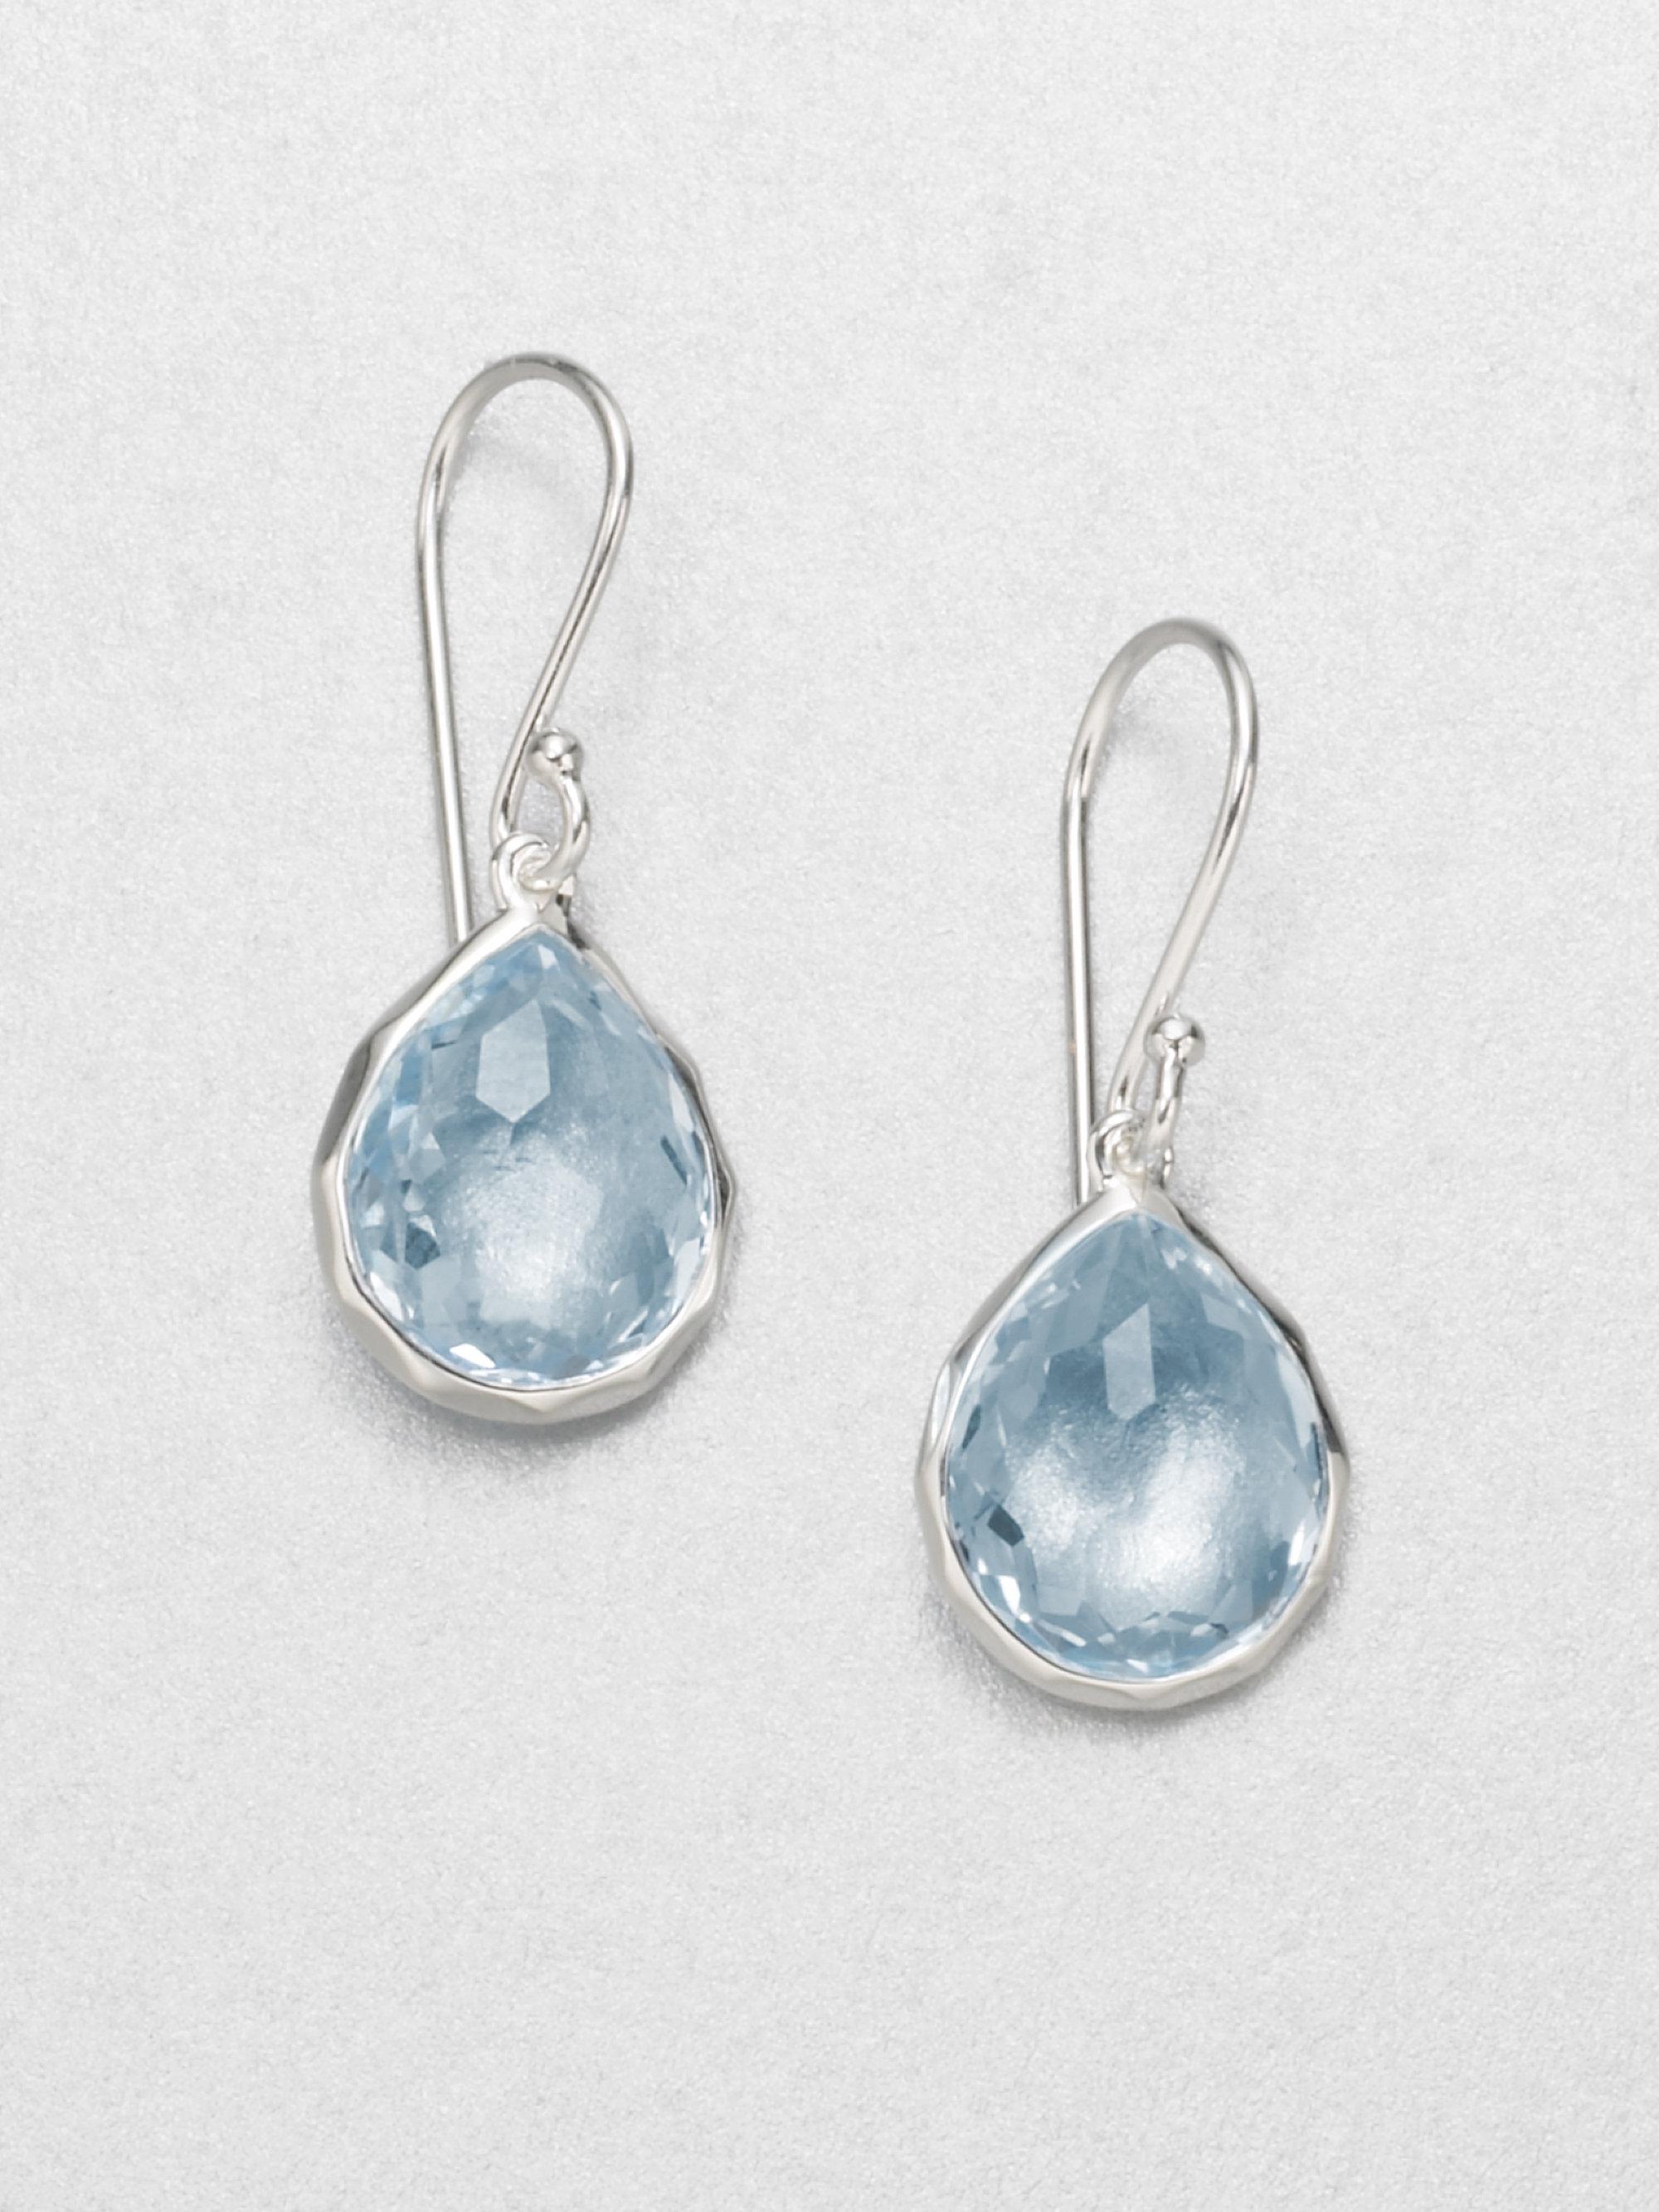 Lyst - Ippolita Blue Topaz Sterling Silver Teardrop Earrings in Blue 811644d573